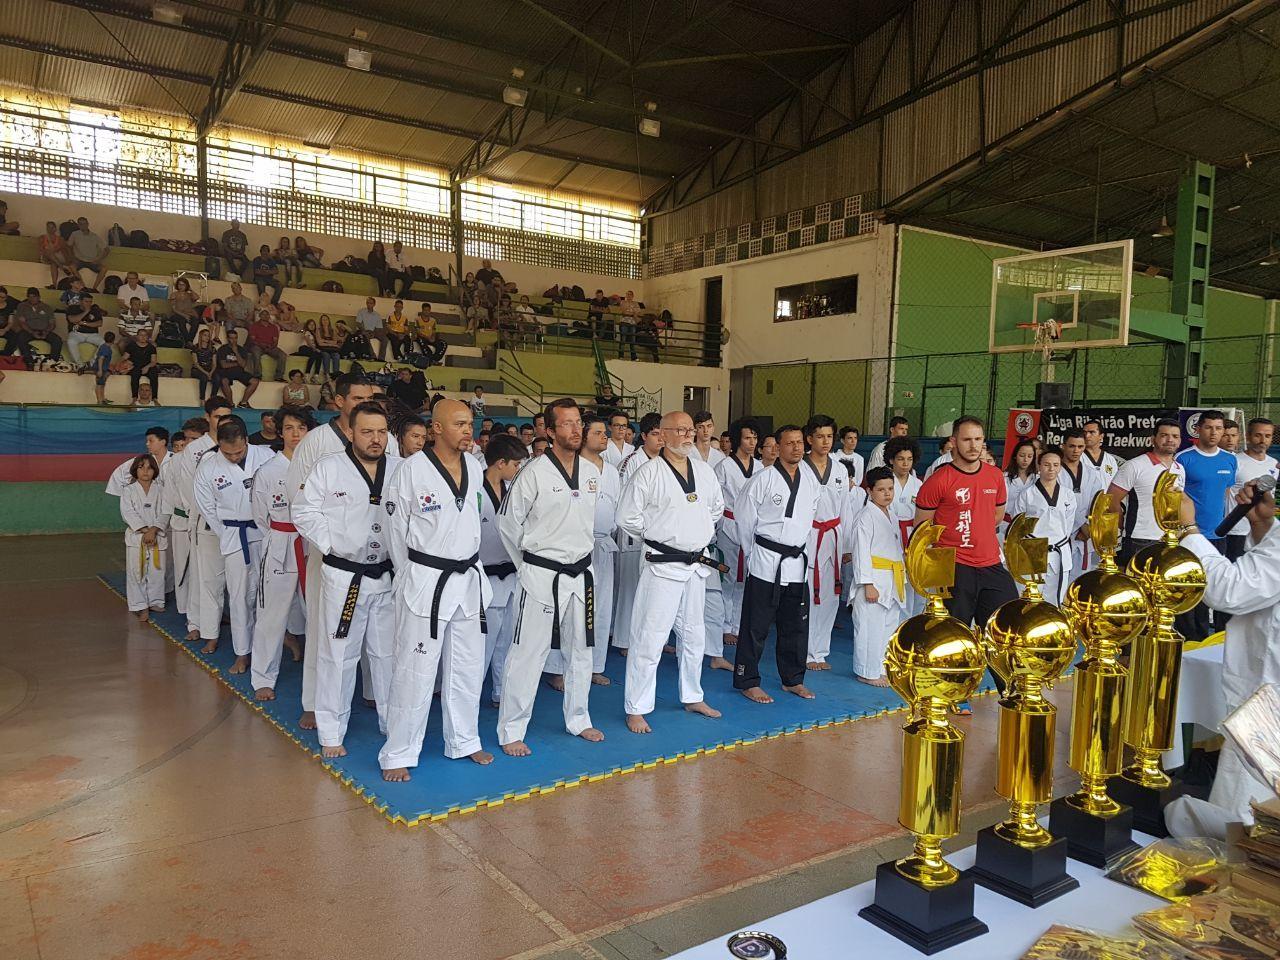 Copa União de Taekwondo Reuniu Atletas de toda Região